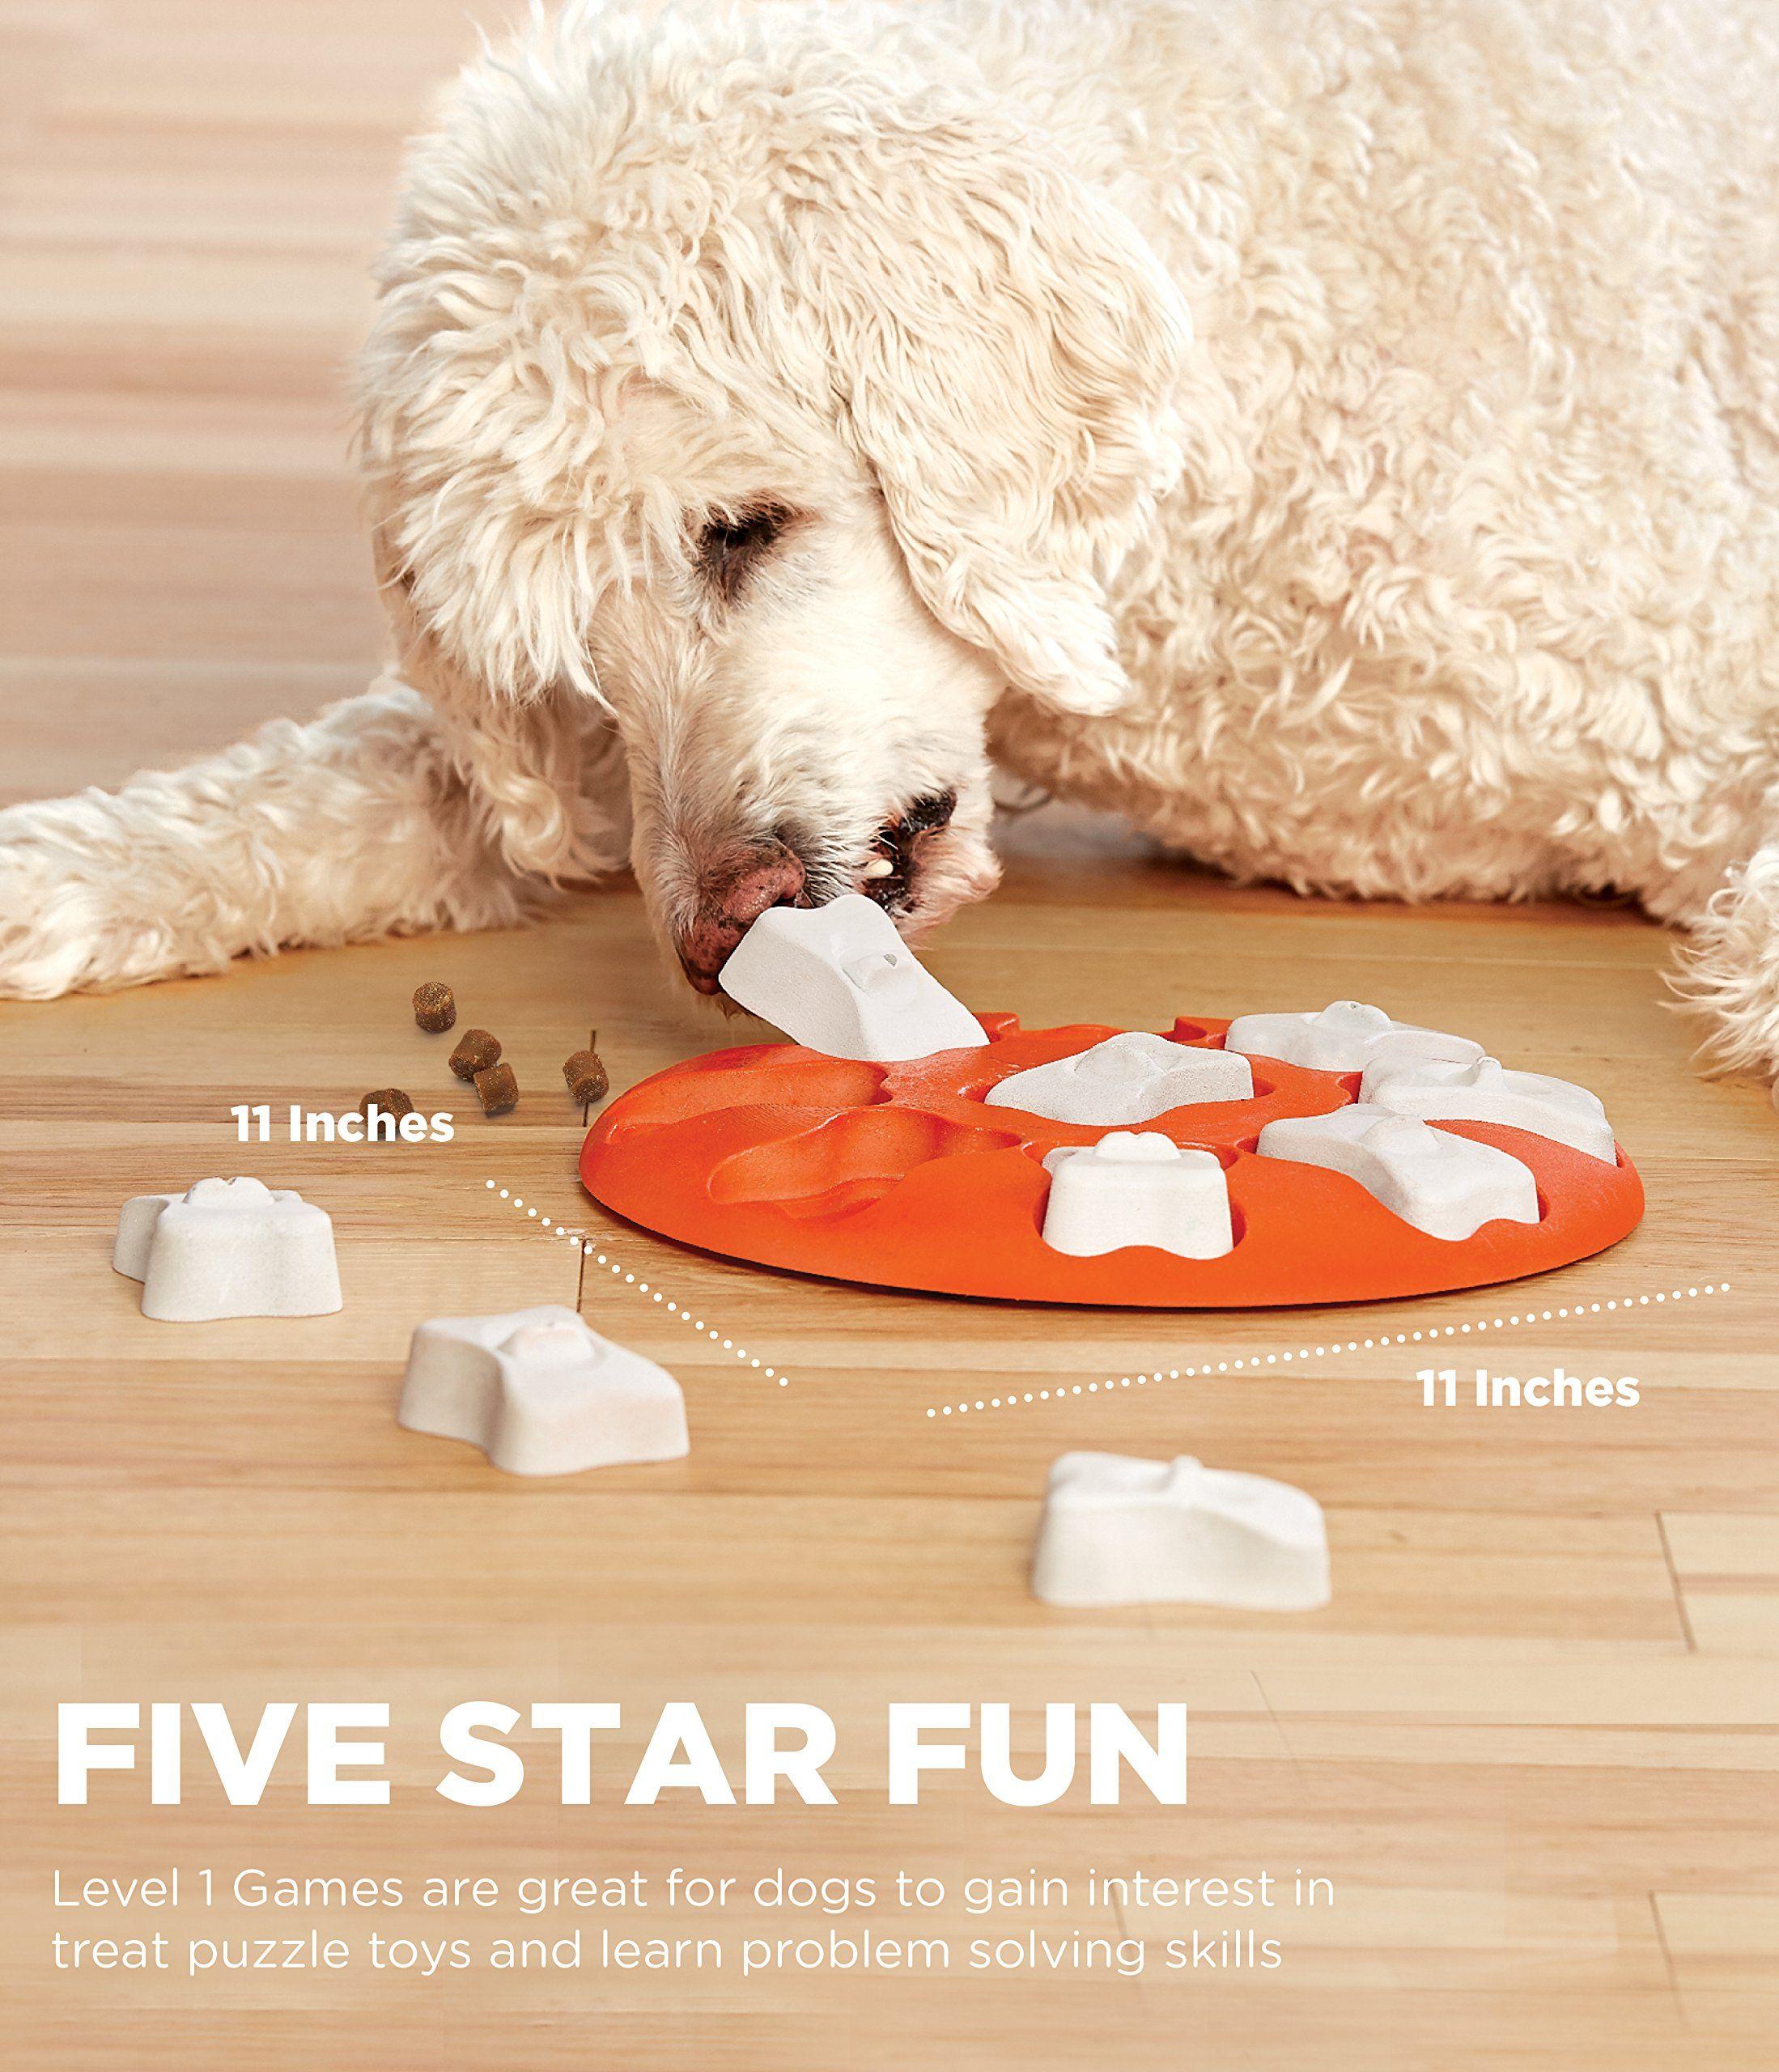 Outward Hound Nina Ottosson Dog Smart Dog Puzzle Toy Dog Game